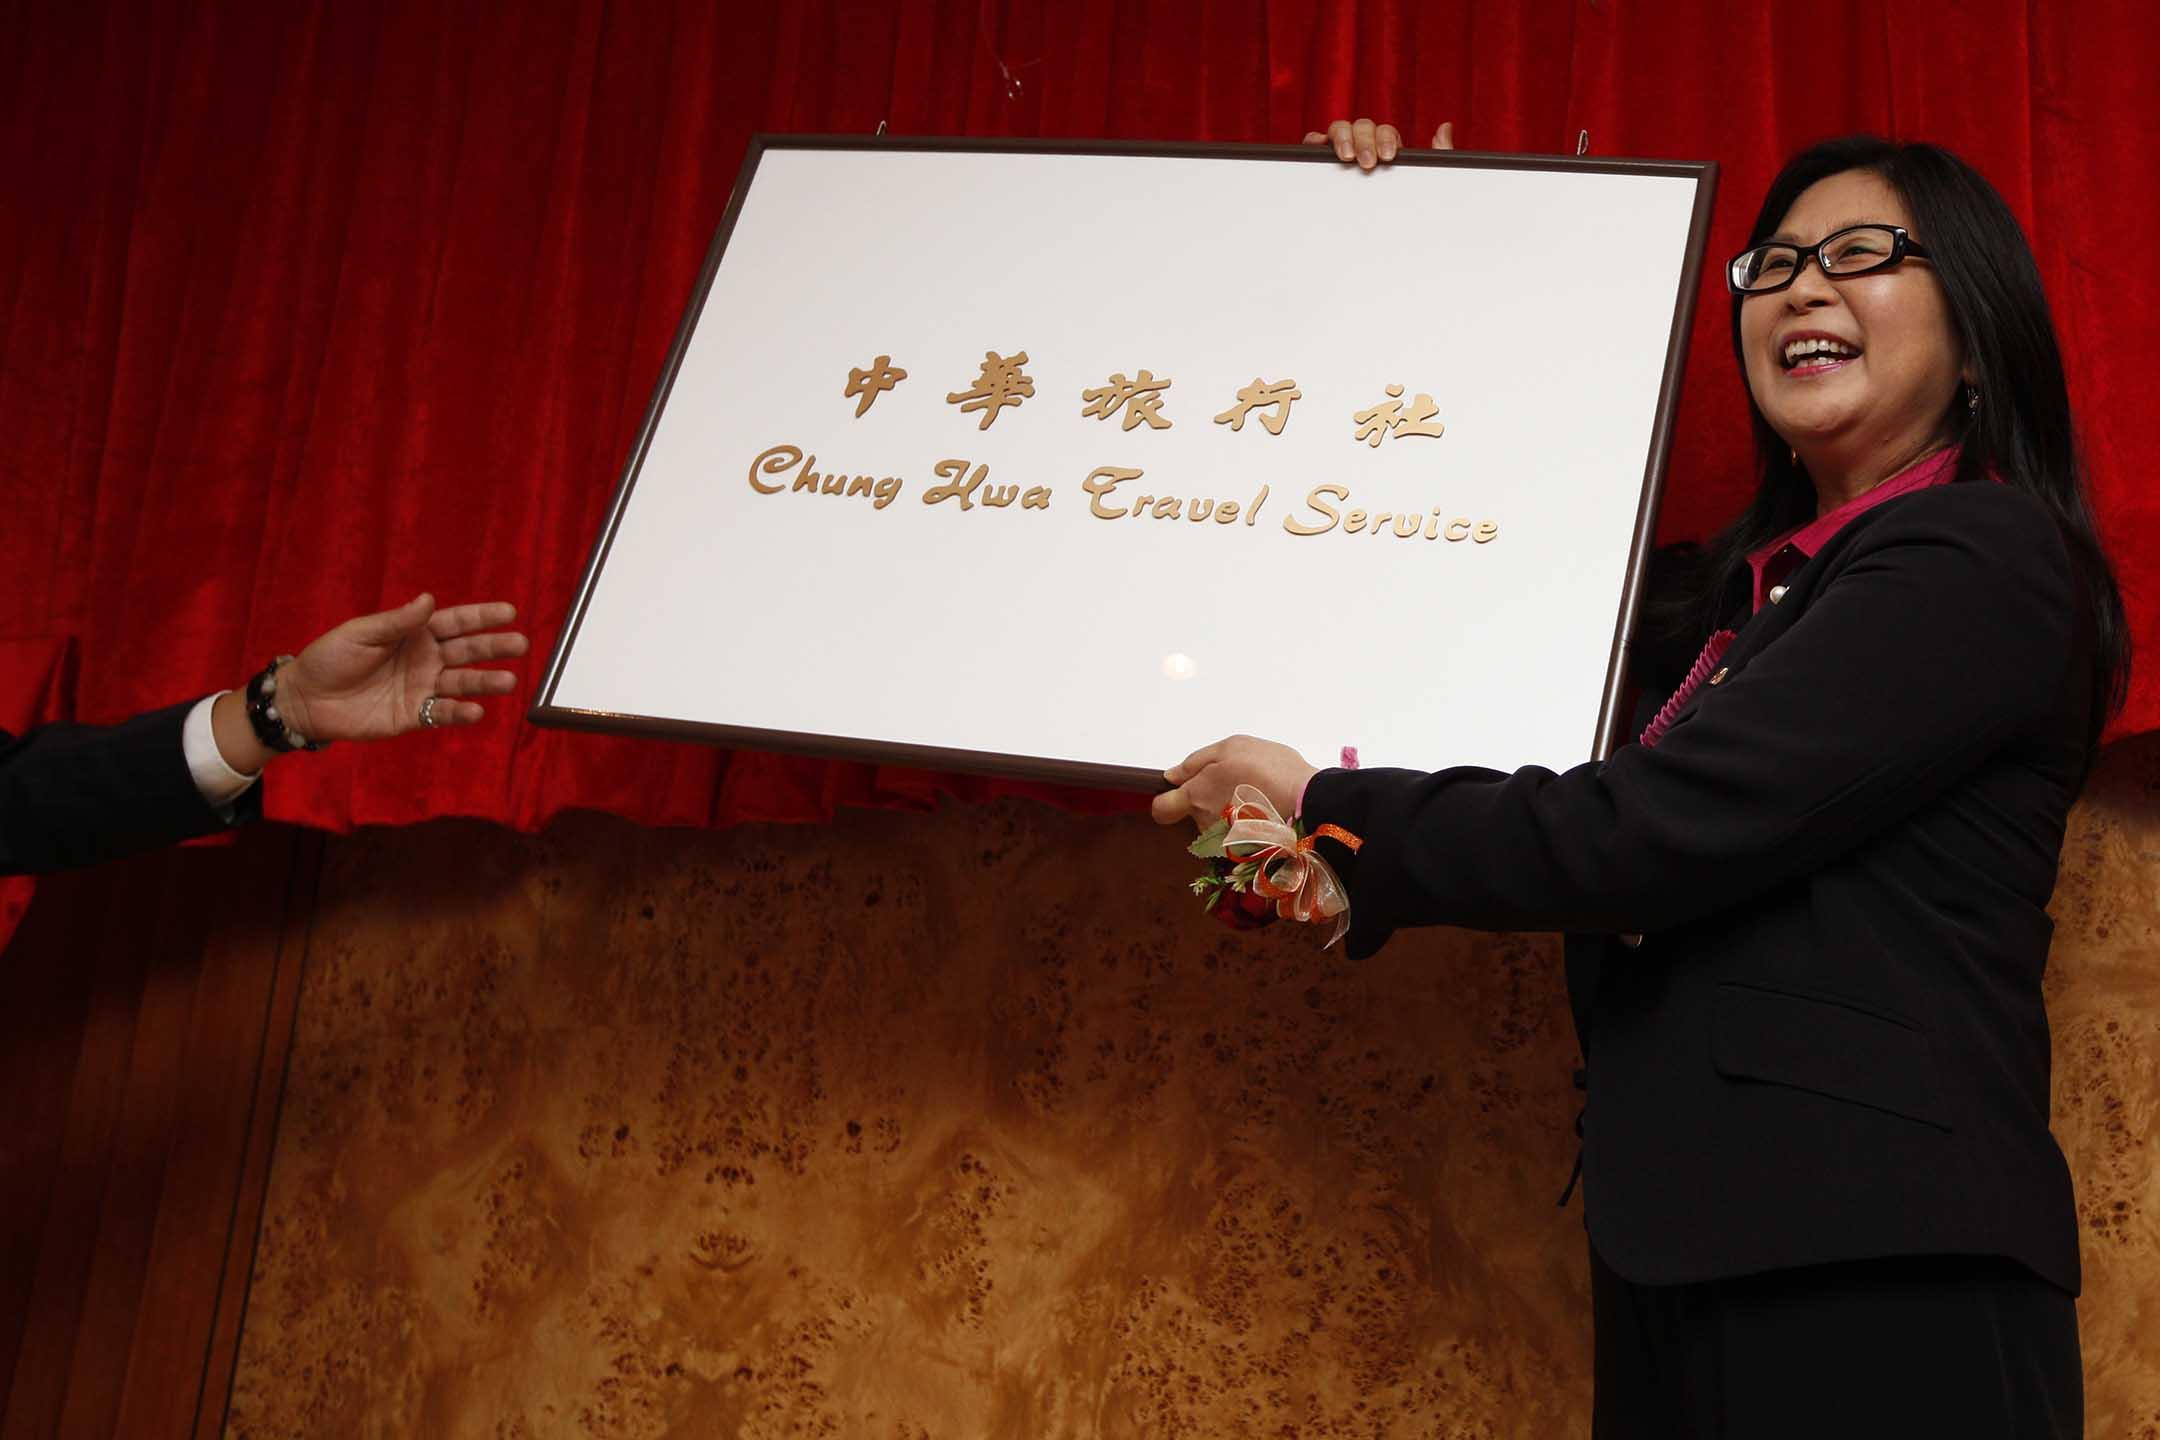 2011年7月20日香港,台灣時任陸委會主委賴幸媛為「台北經濟文化辦事處」揭幕時,更換「中華旅行社」牌子。